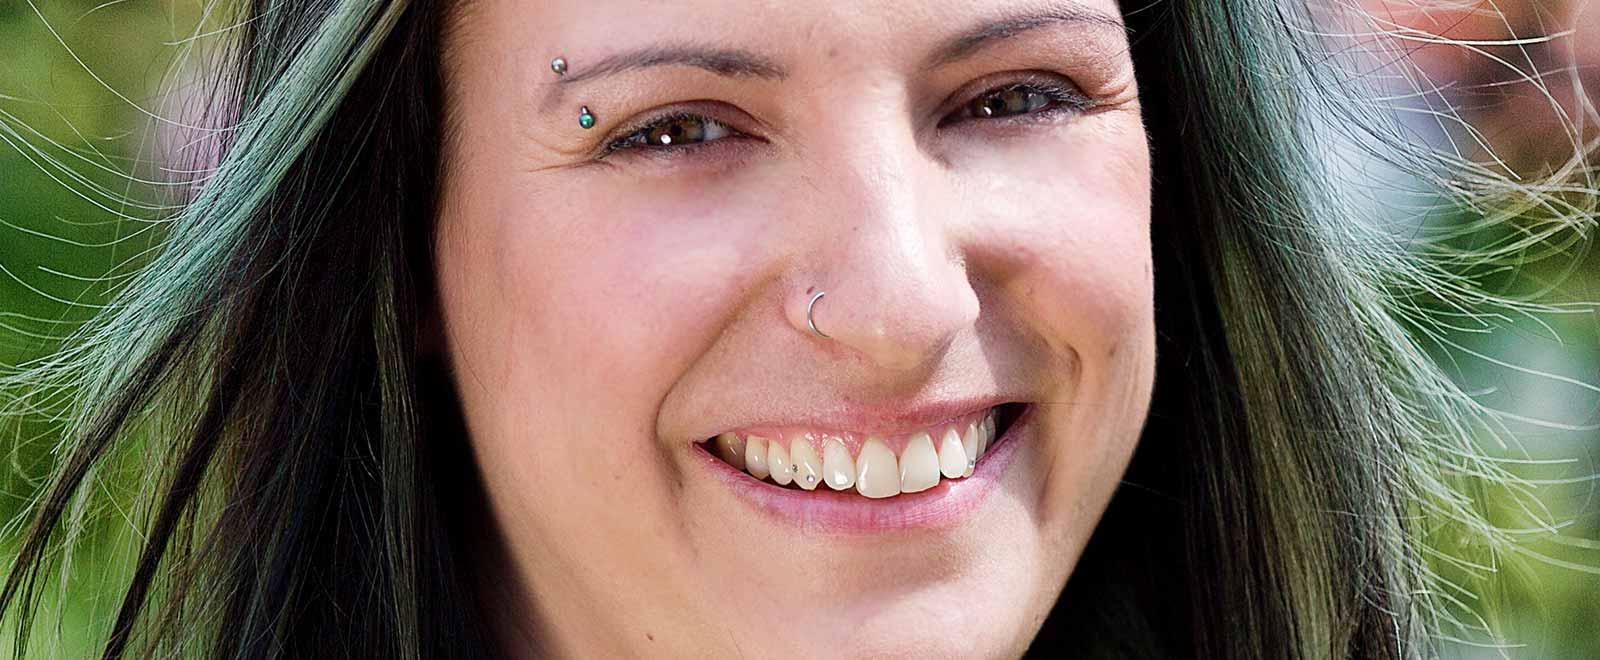 Junge Frau mit Zahnschmuck